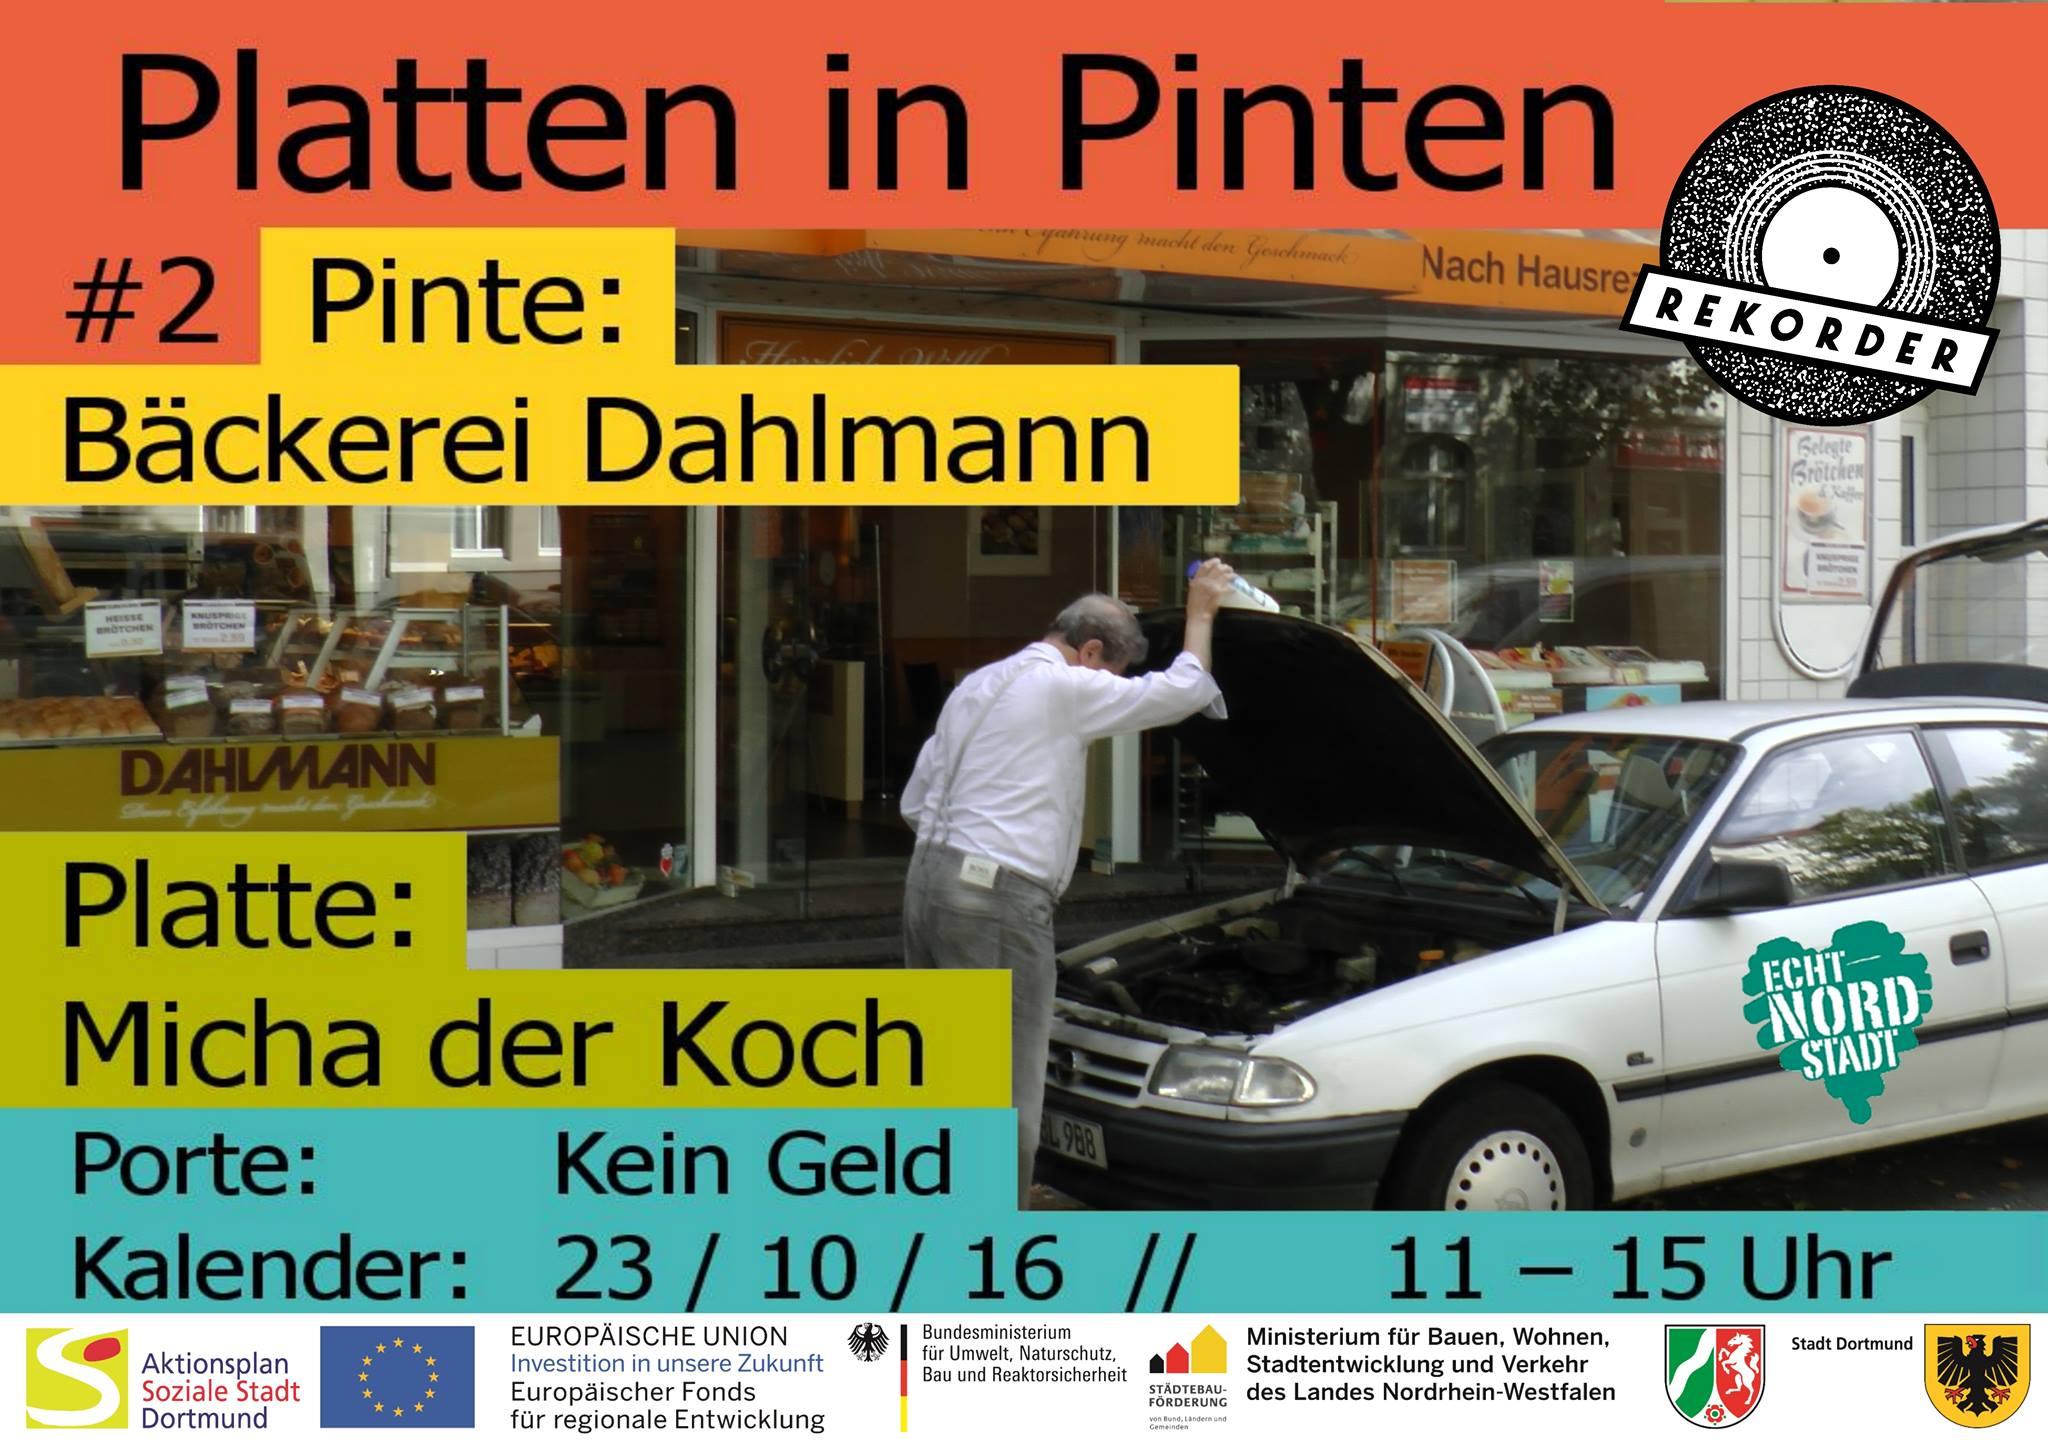 Platten in Pinten #2: Bäckerei Dahlmann